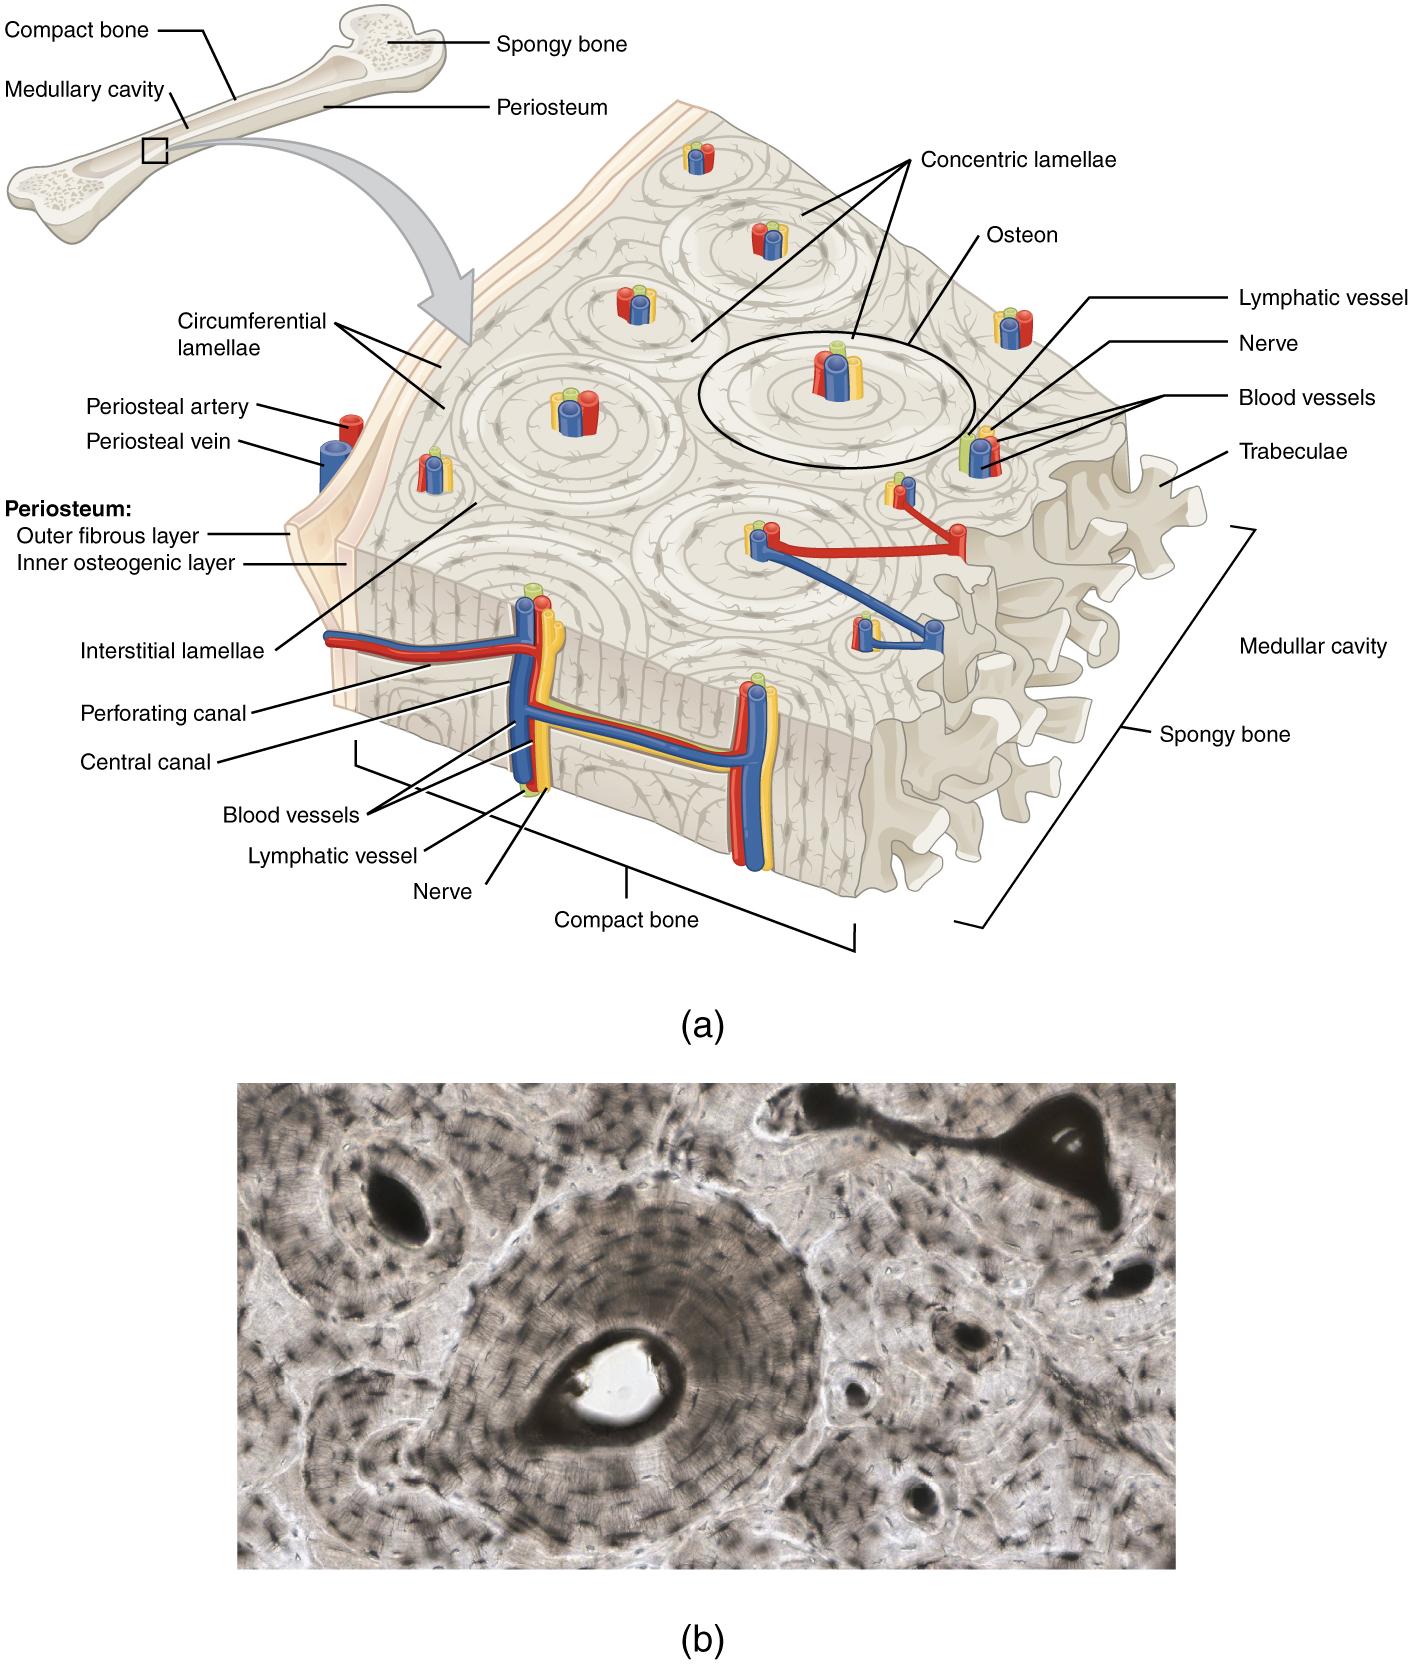 File624 Diagram Of Compact Bone Newg Wikipedia